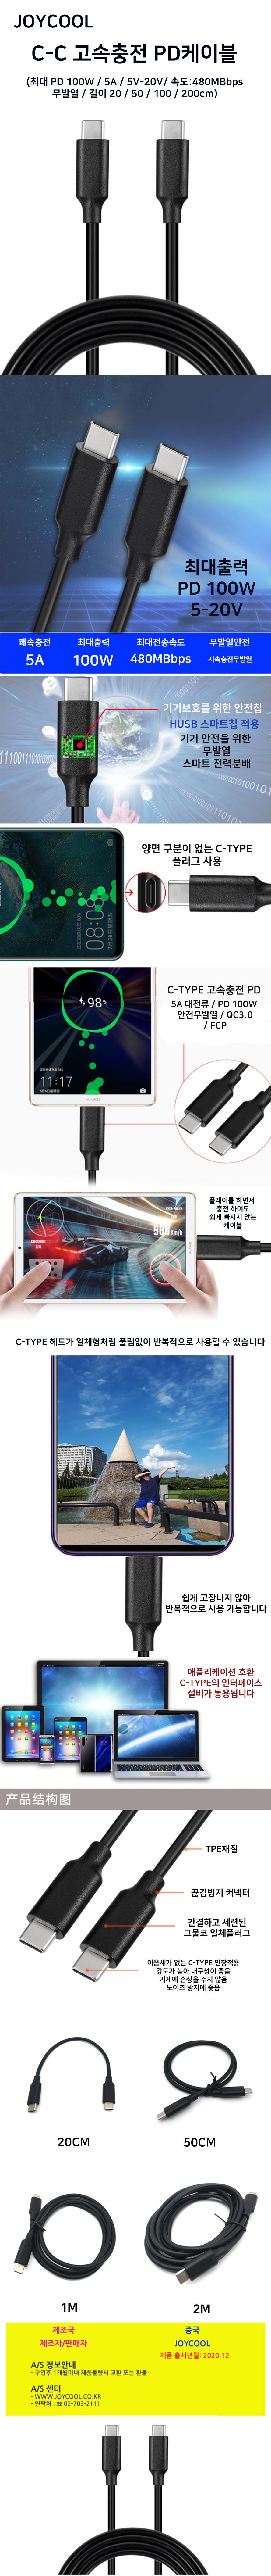 조이쿨 조이쿨 Type C-C 고속충전 케이블 (2m)